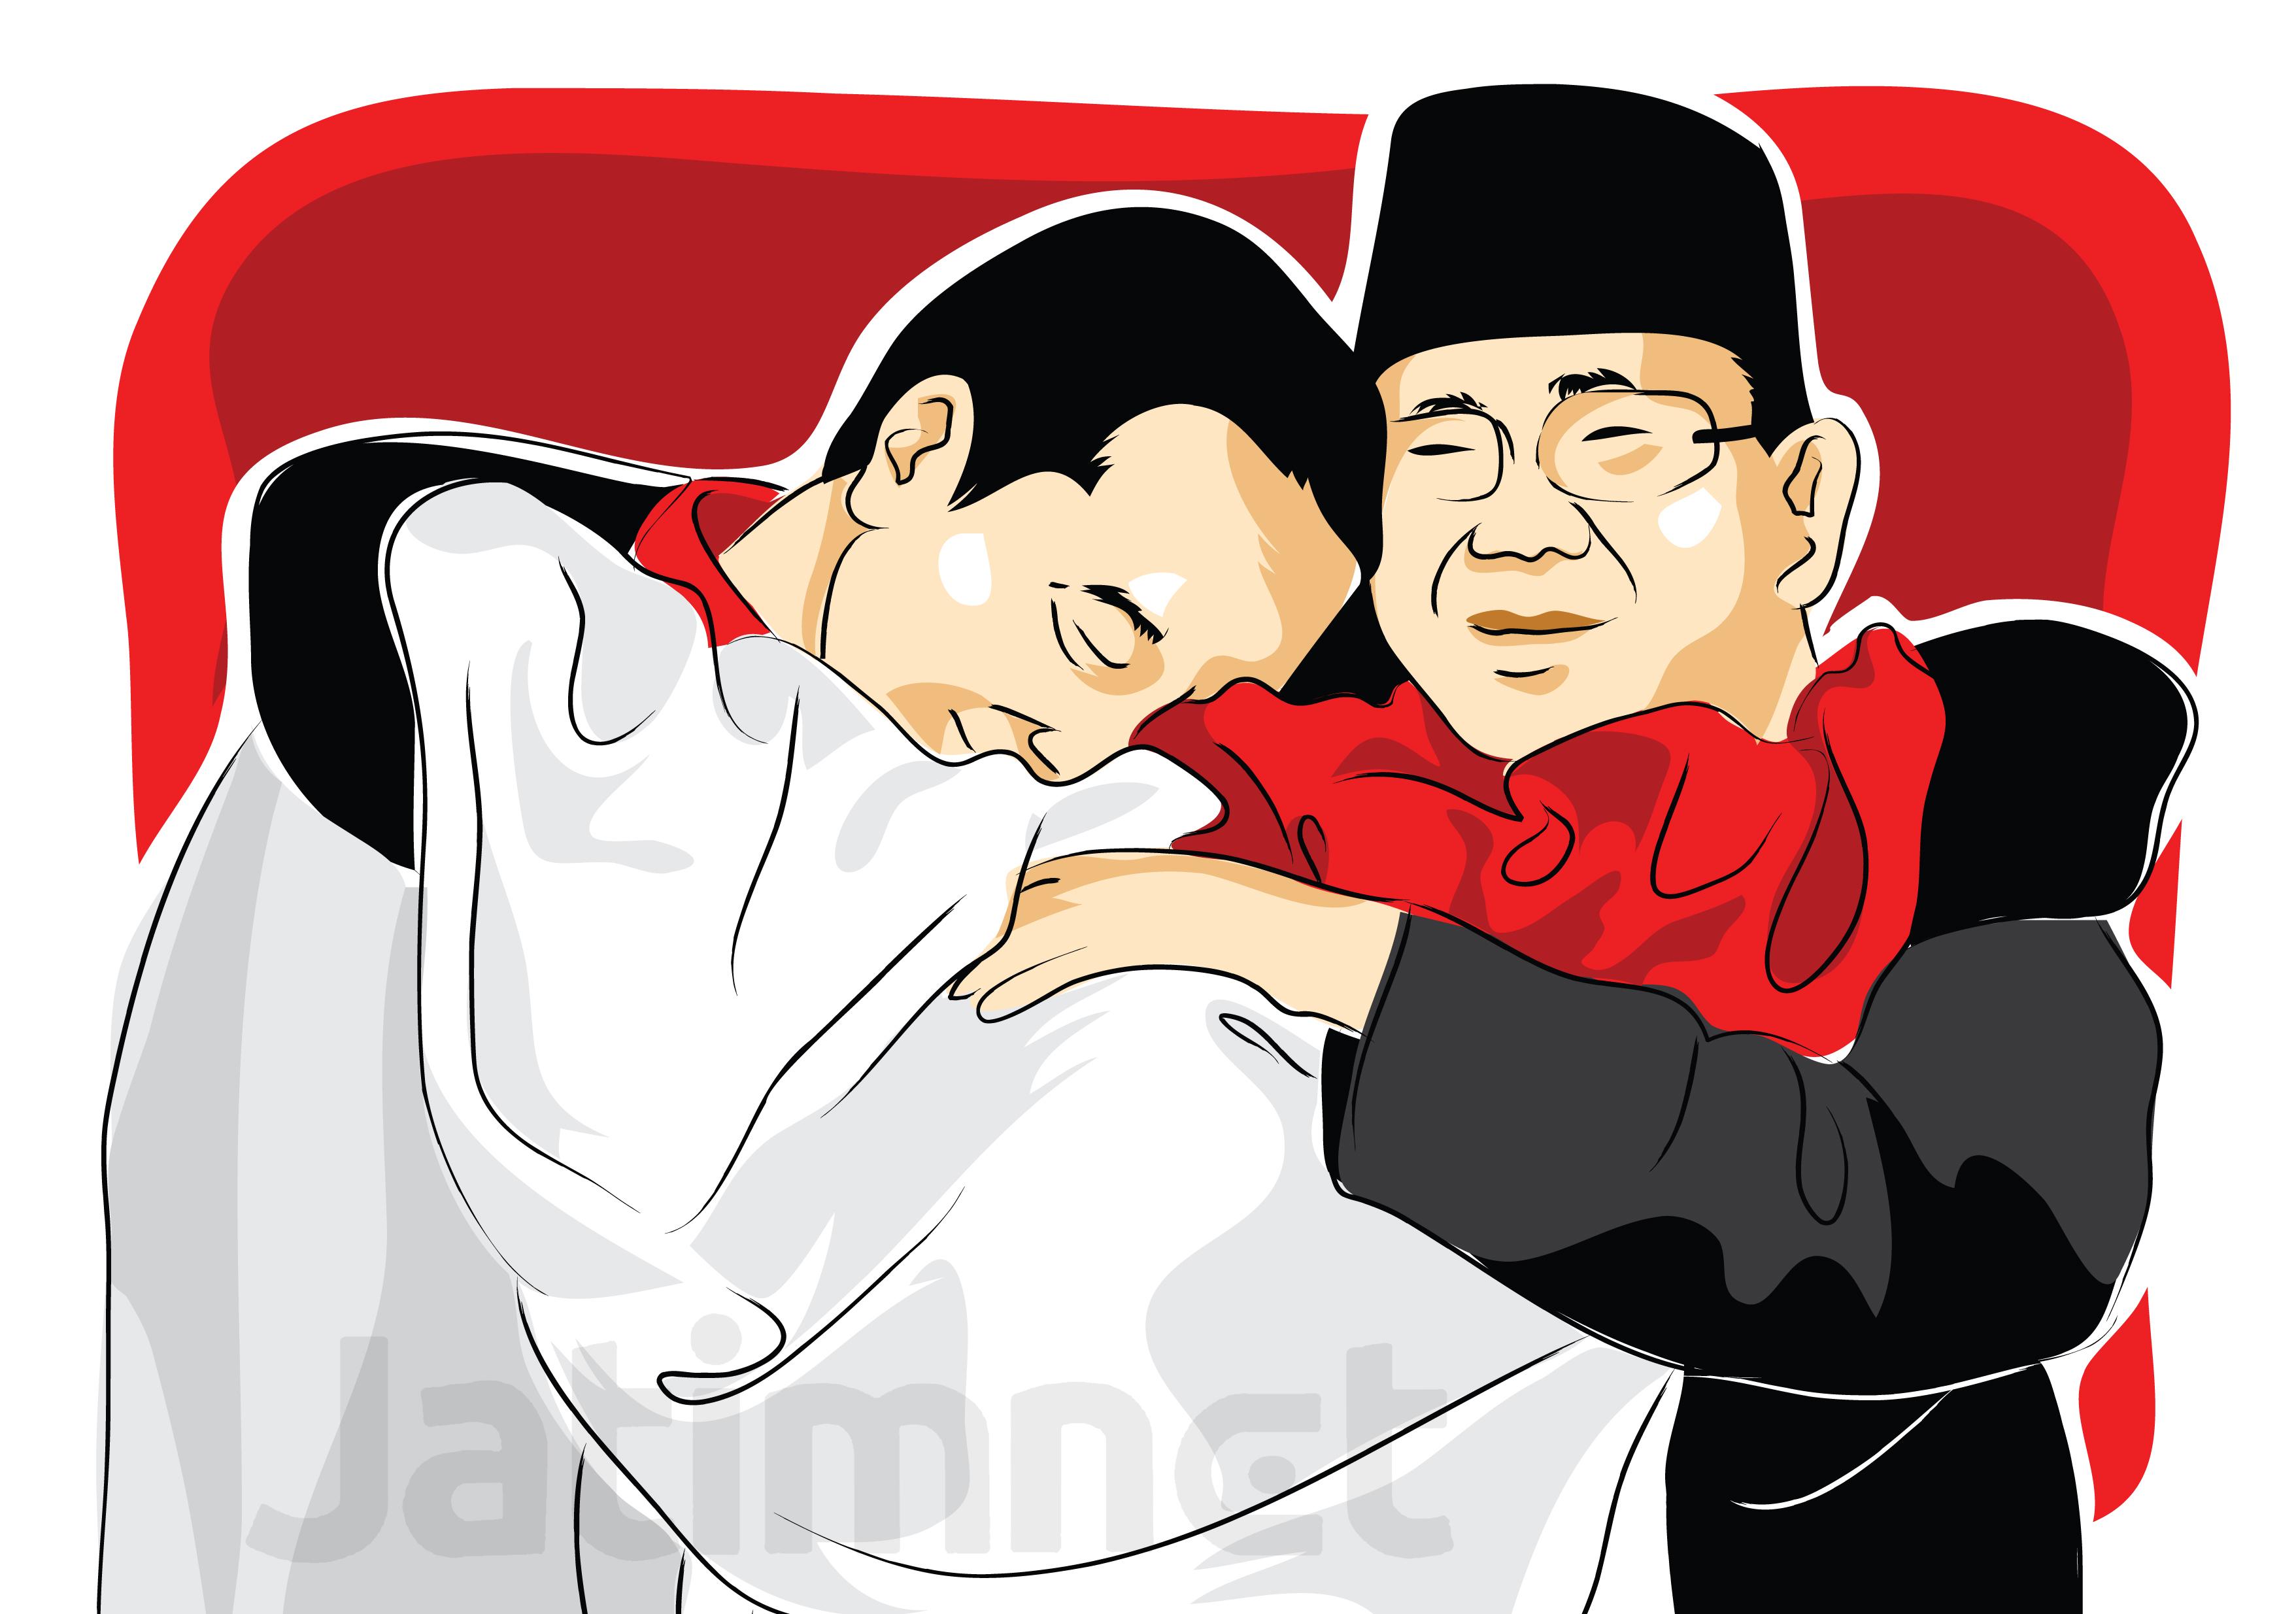 Begini Rencana Kampanye Akbar Jokowi dan Prabowo di Jatim